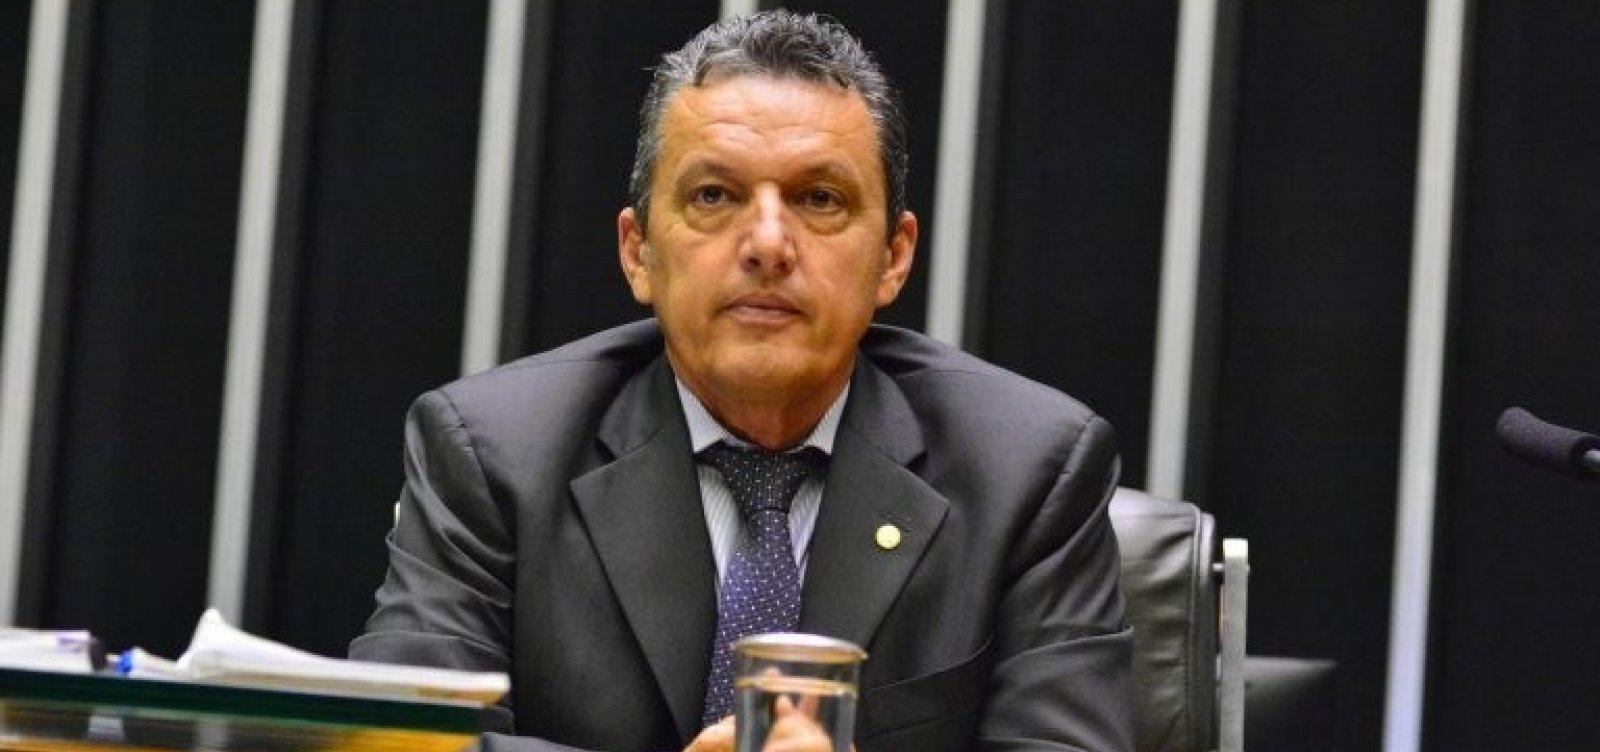 """Deputado baiano nega participação no 'tratoraço' e ataca imprensa: """"São contra o Nordeste"""""""